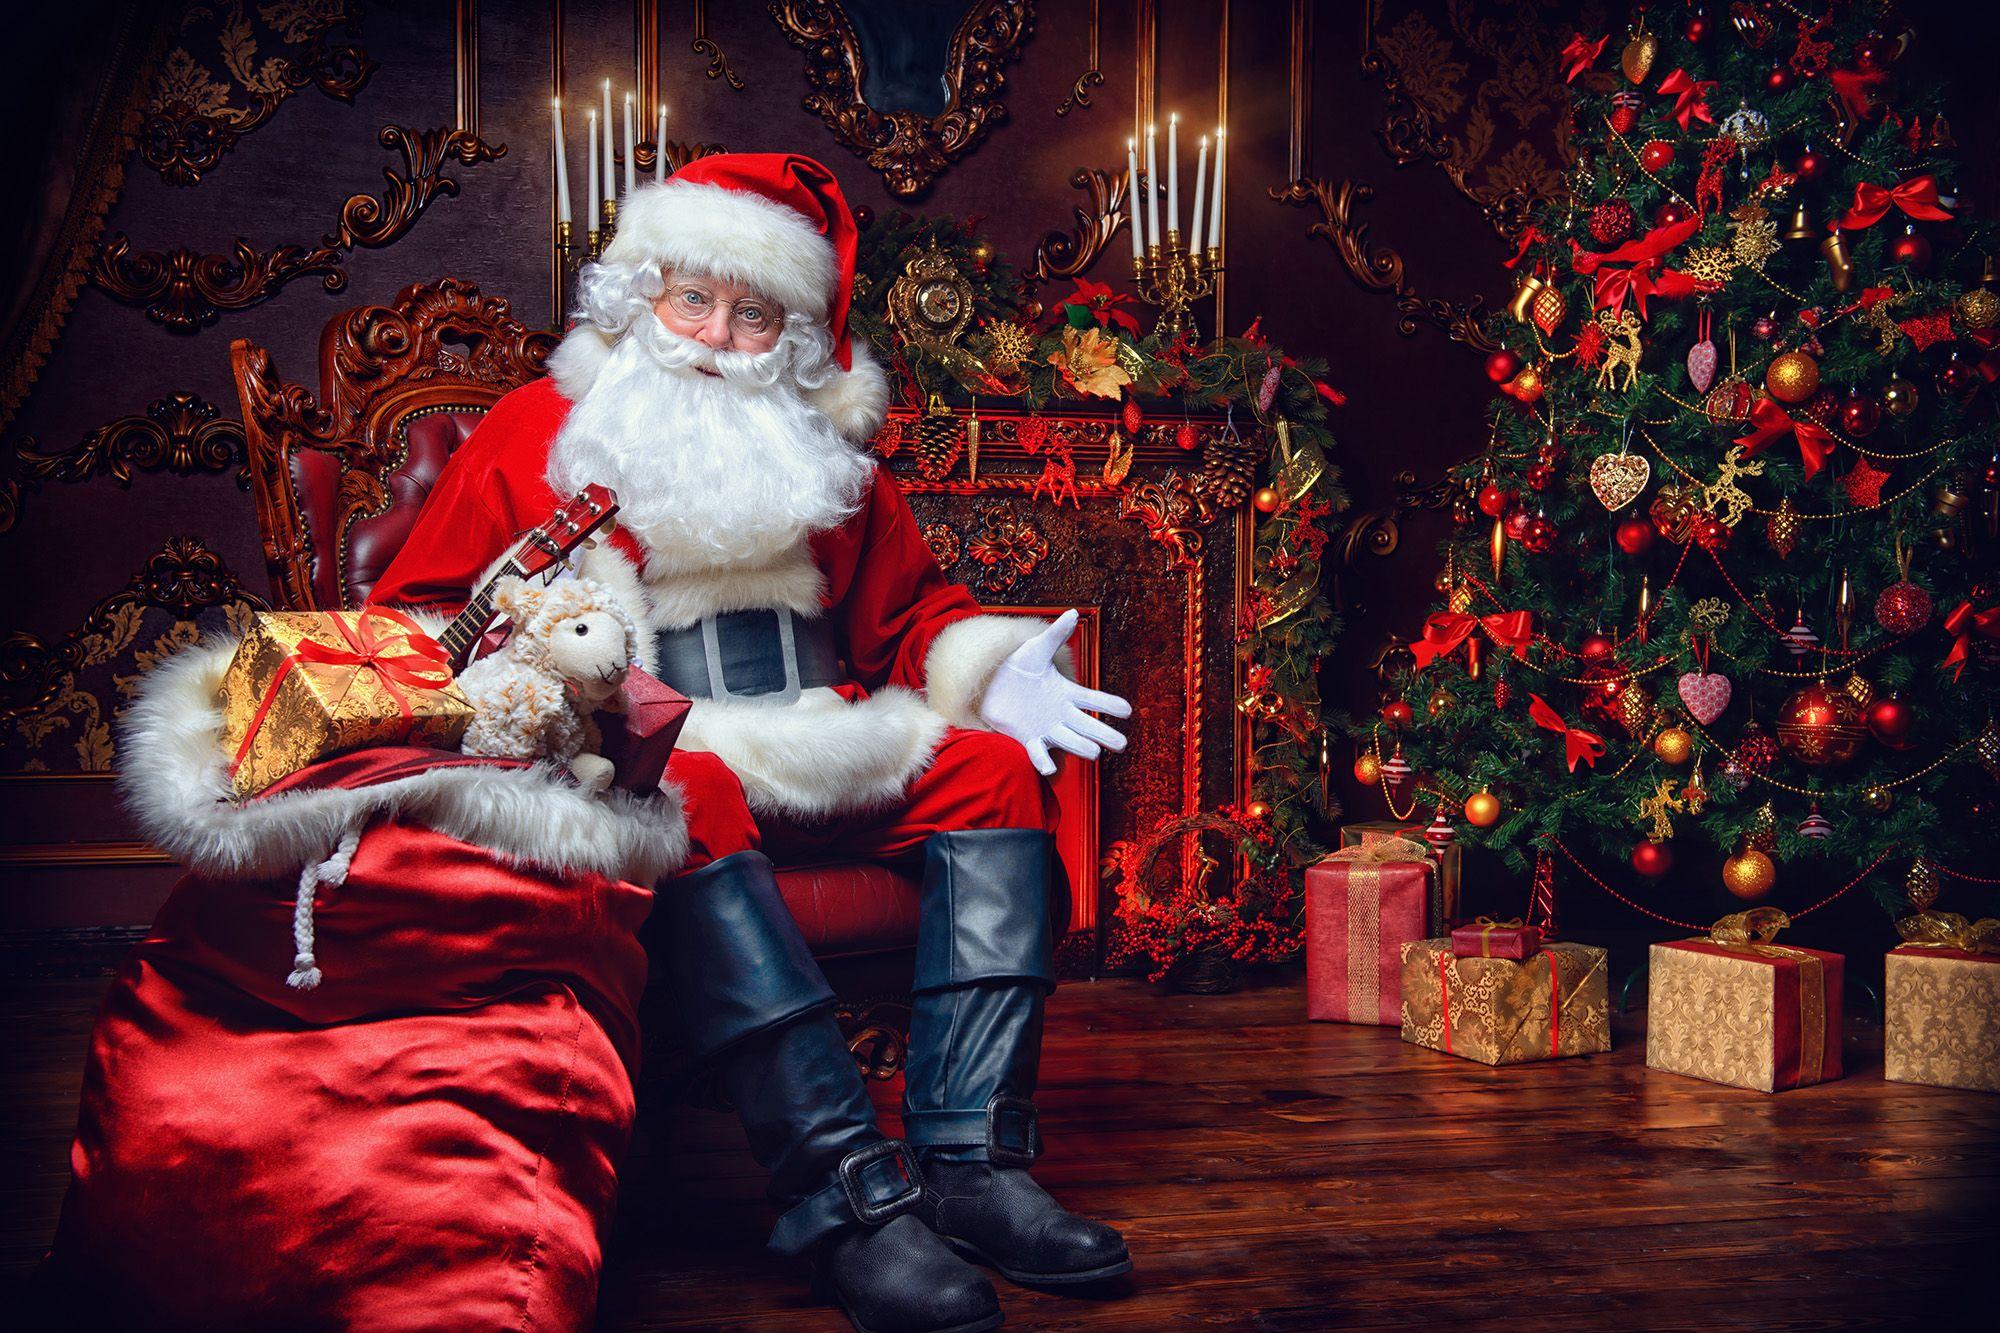 Giáng sinh trọn yêu thương với những lời chúc ngắn gọn mà ý nghĩa - Ảnh 3.